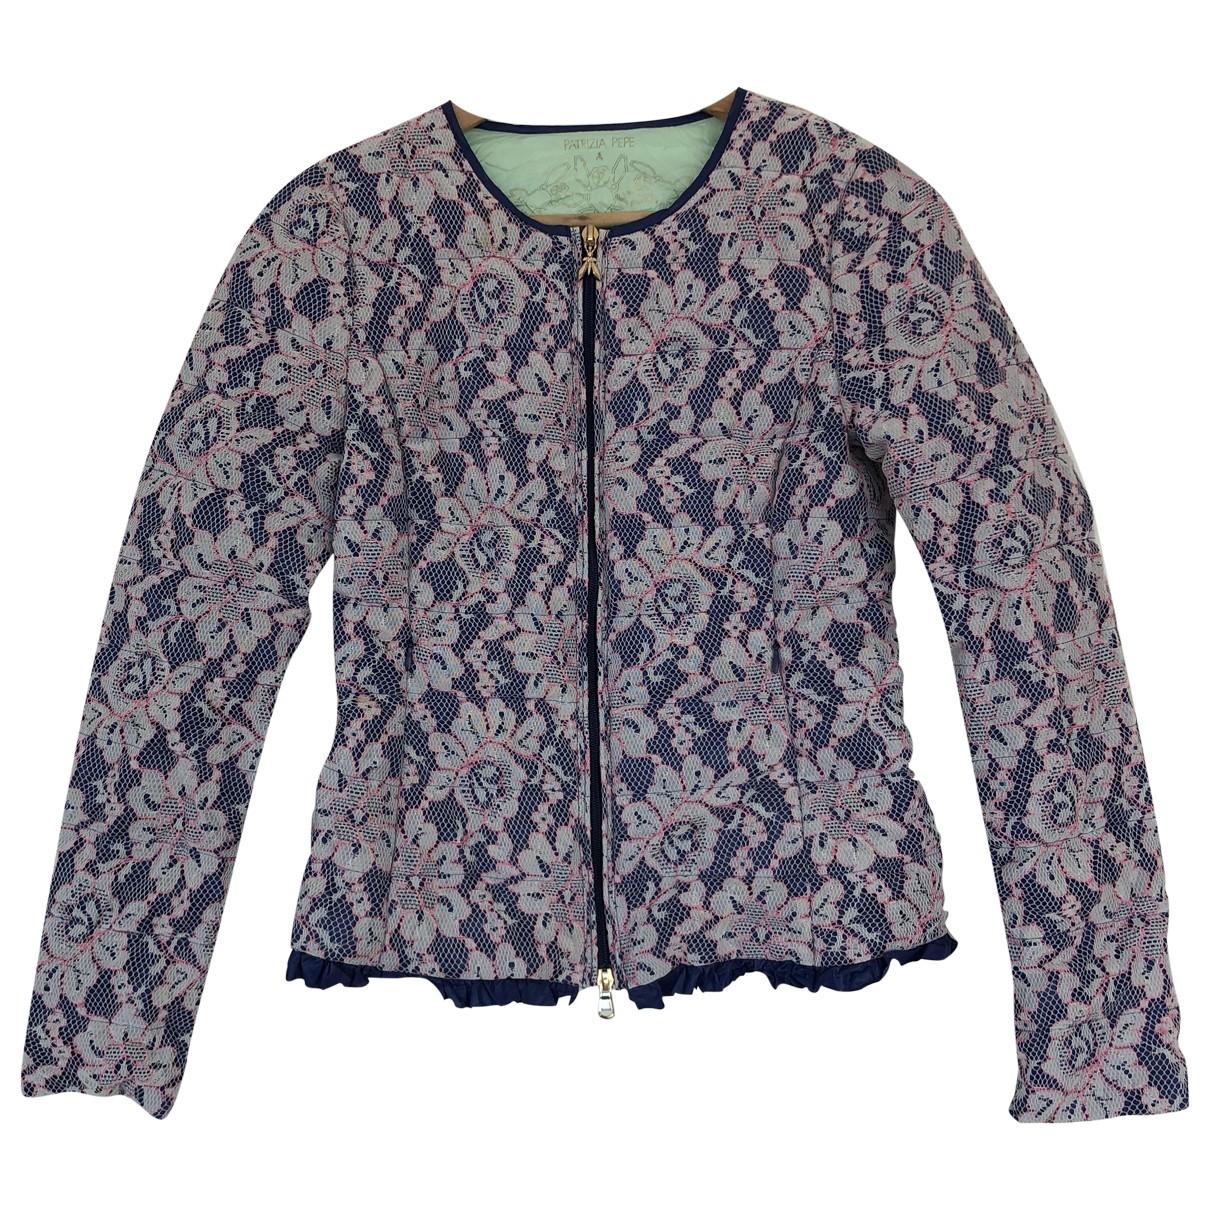 Patrizia Pepe \N Blue jacket for Women 40 IT